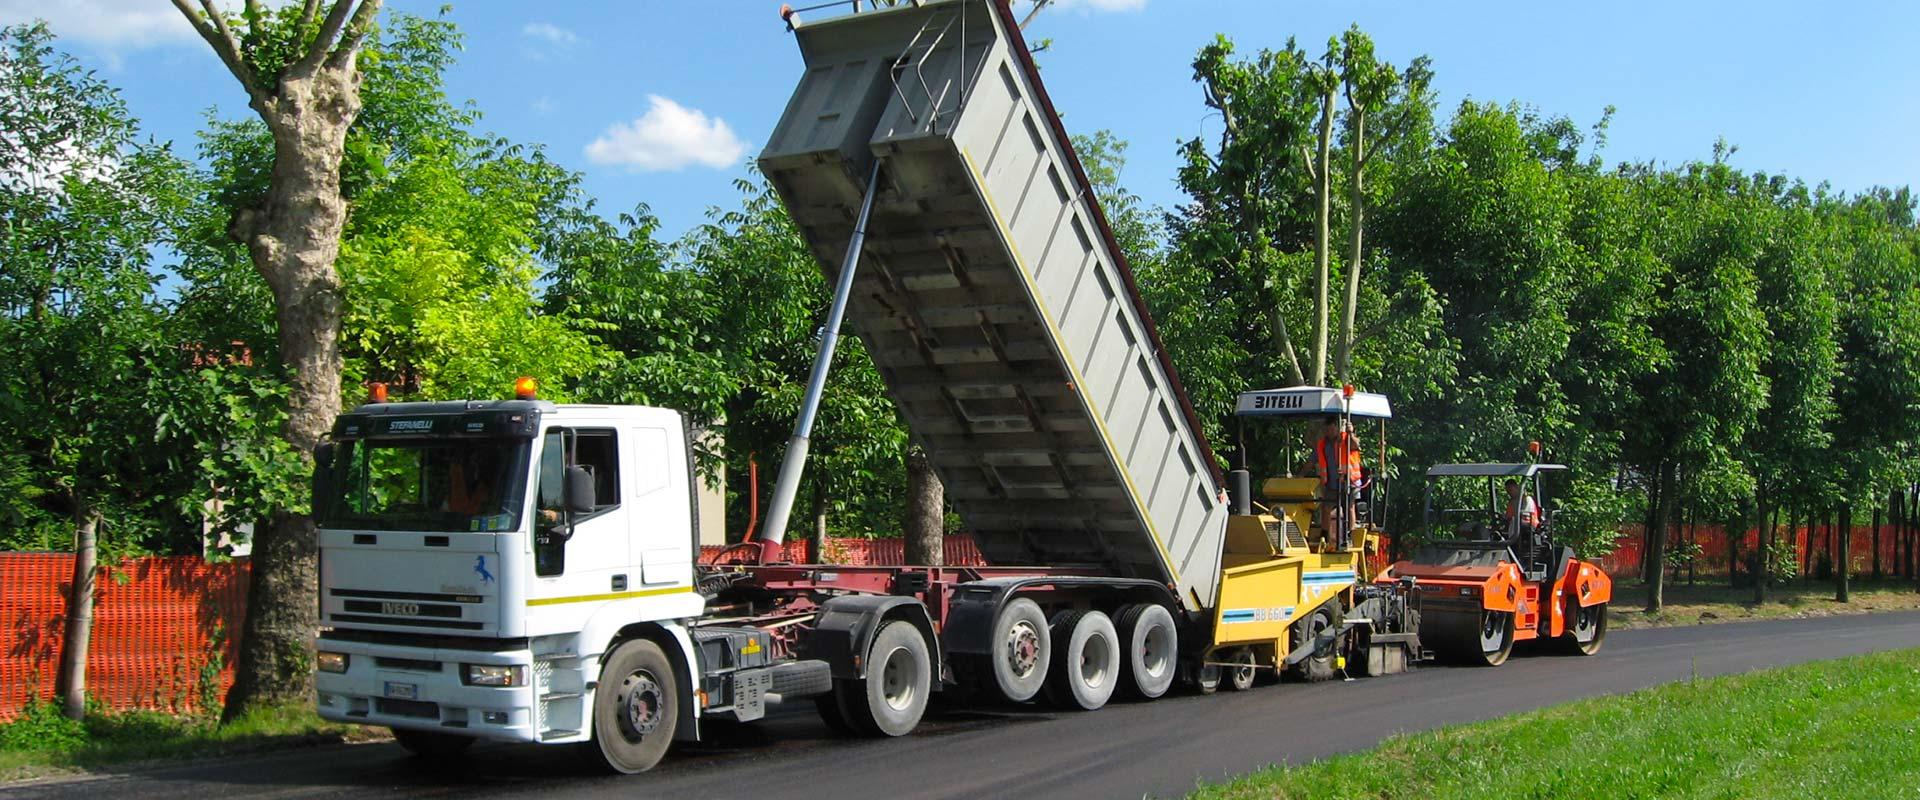 asfaltature-costruzioni-stradali-ilsa-pacifici